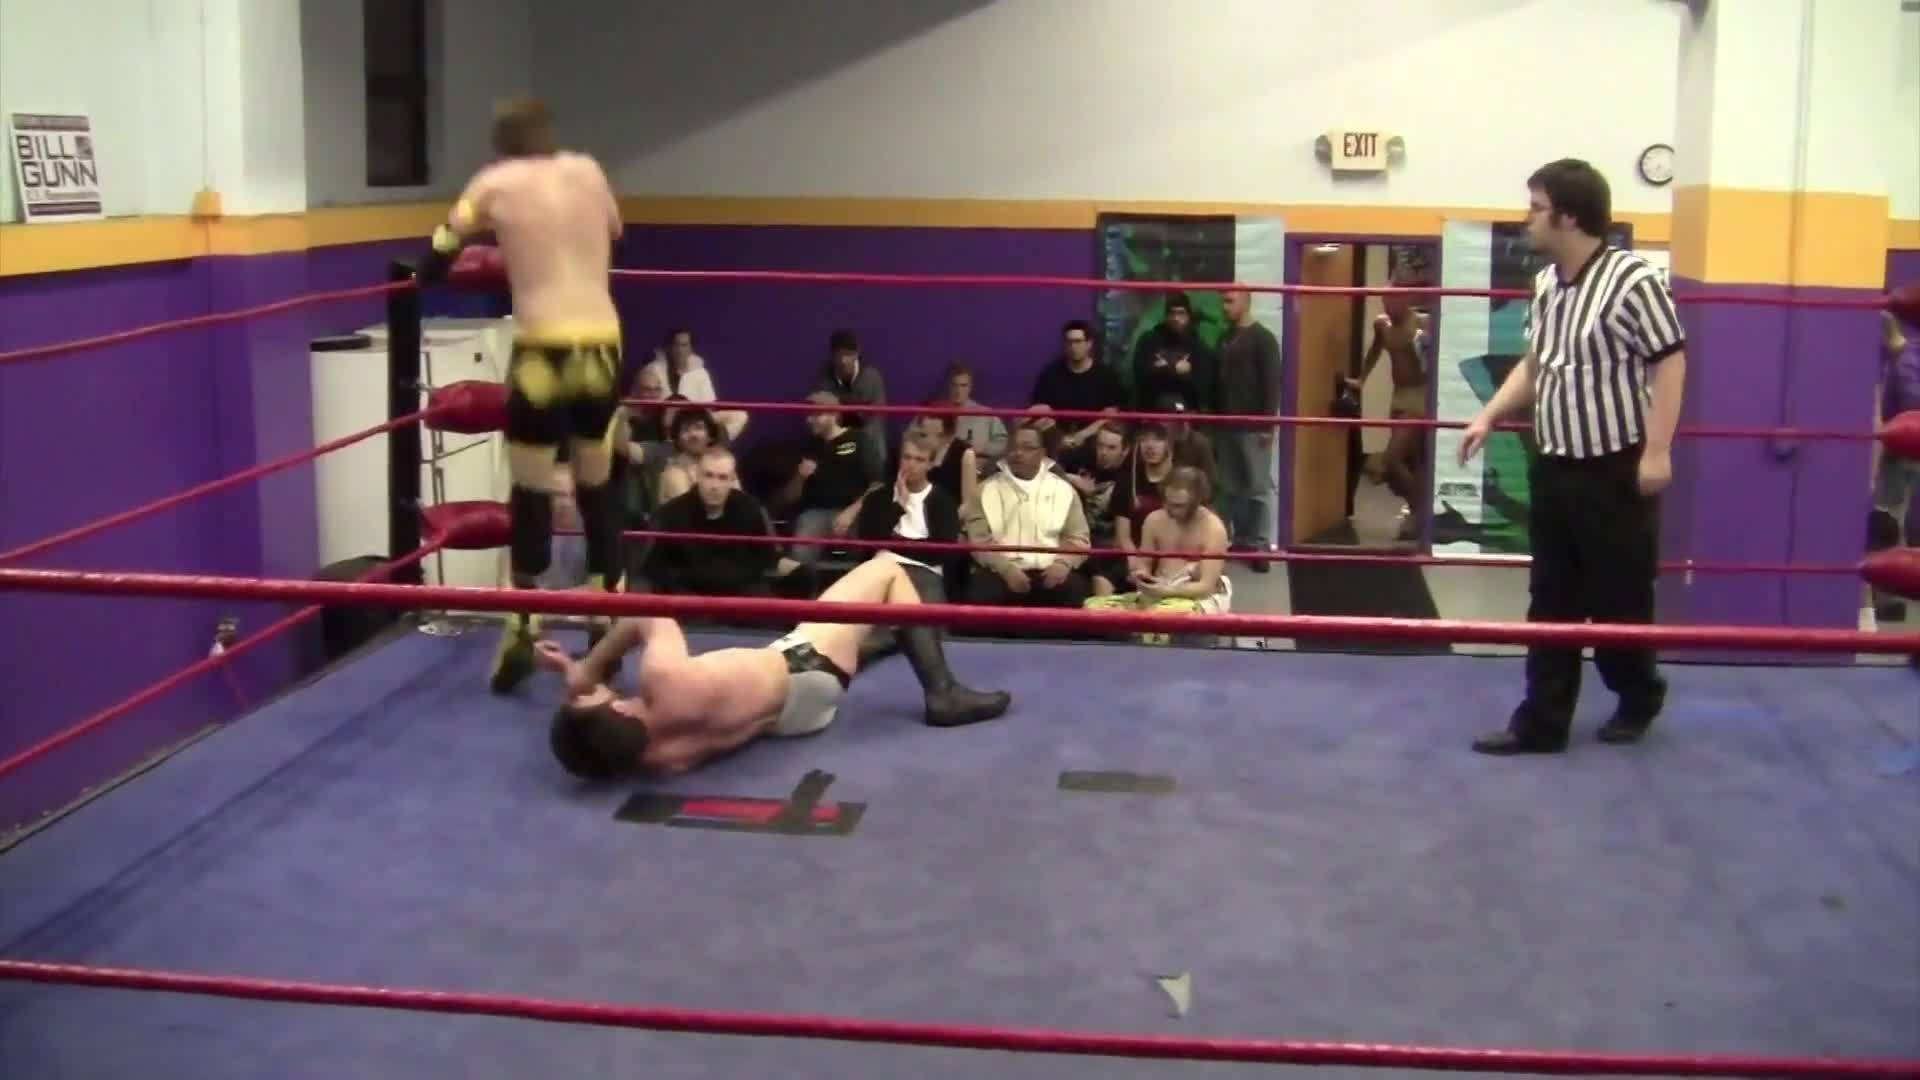 wrestler performs back breaking move on female opponent jukin media